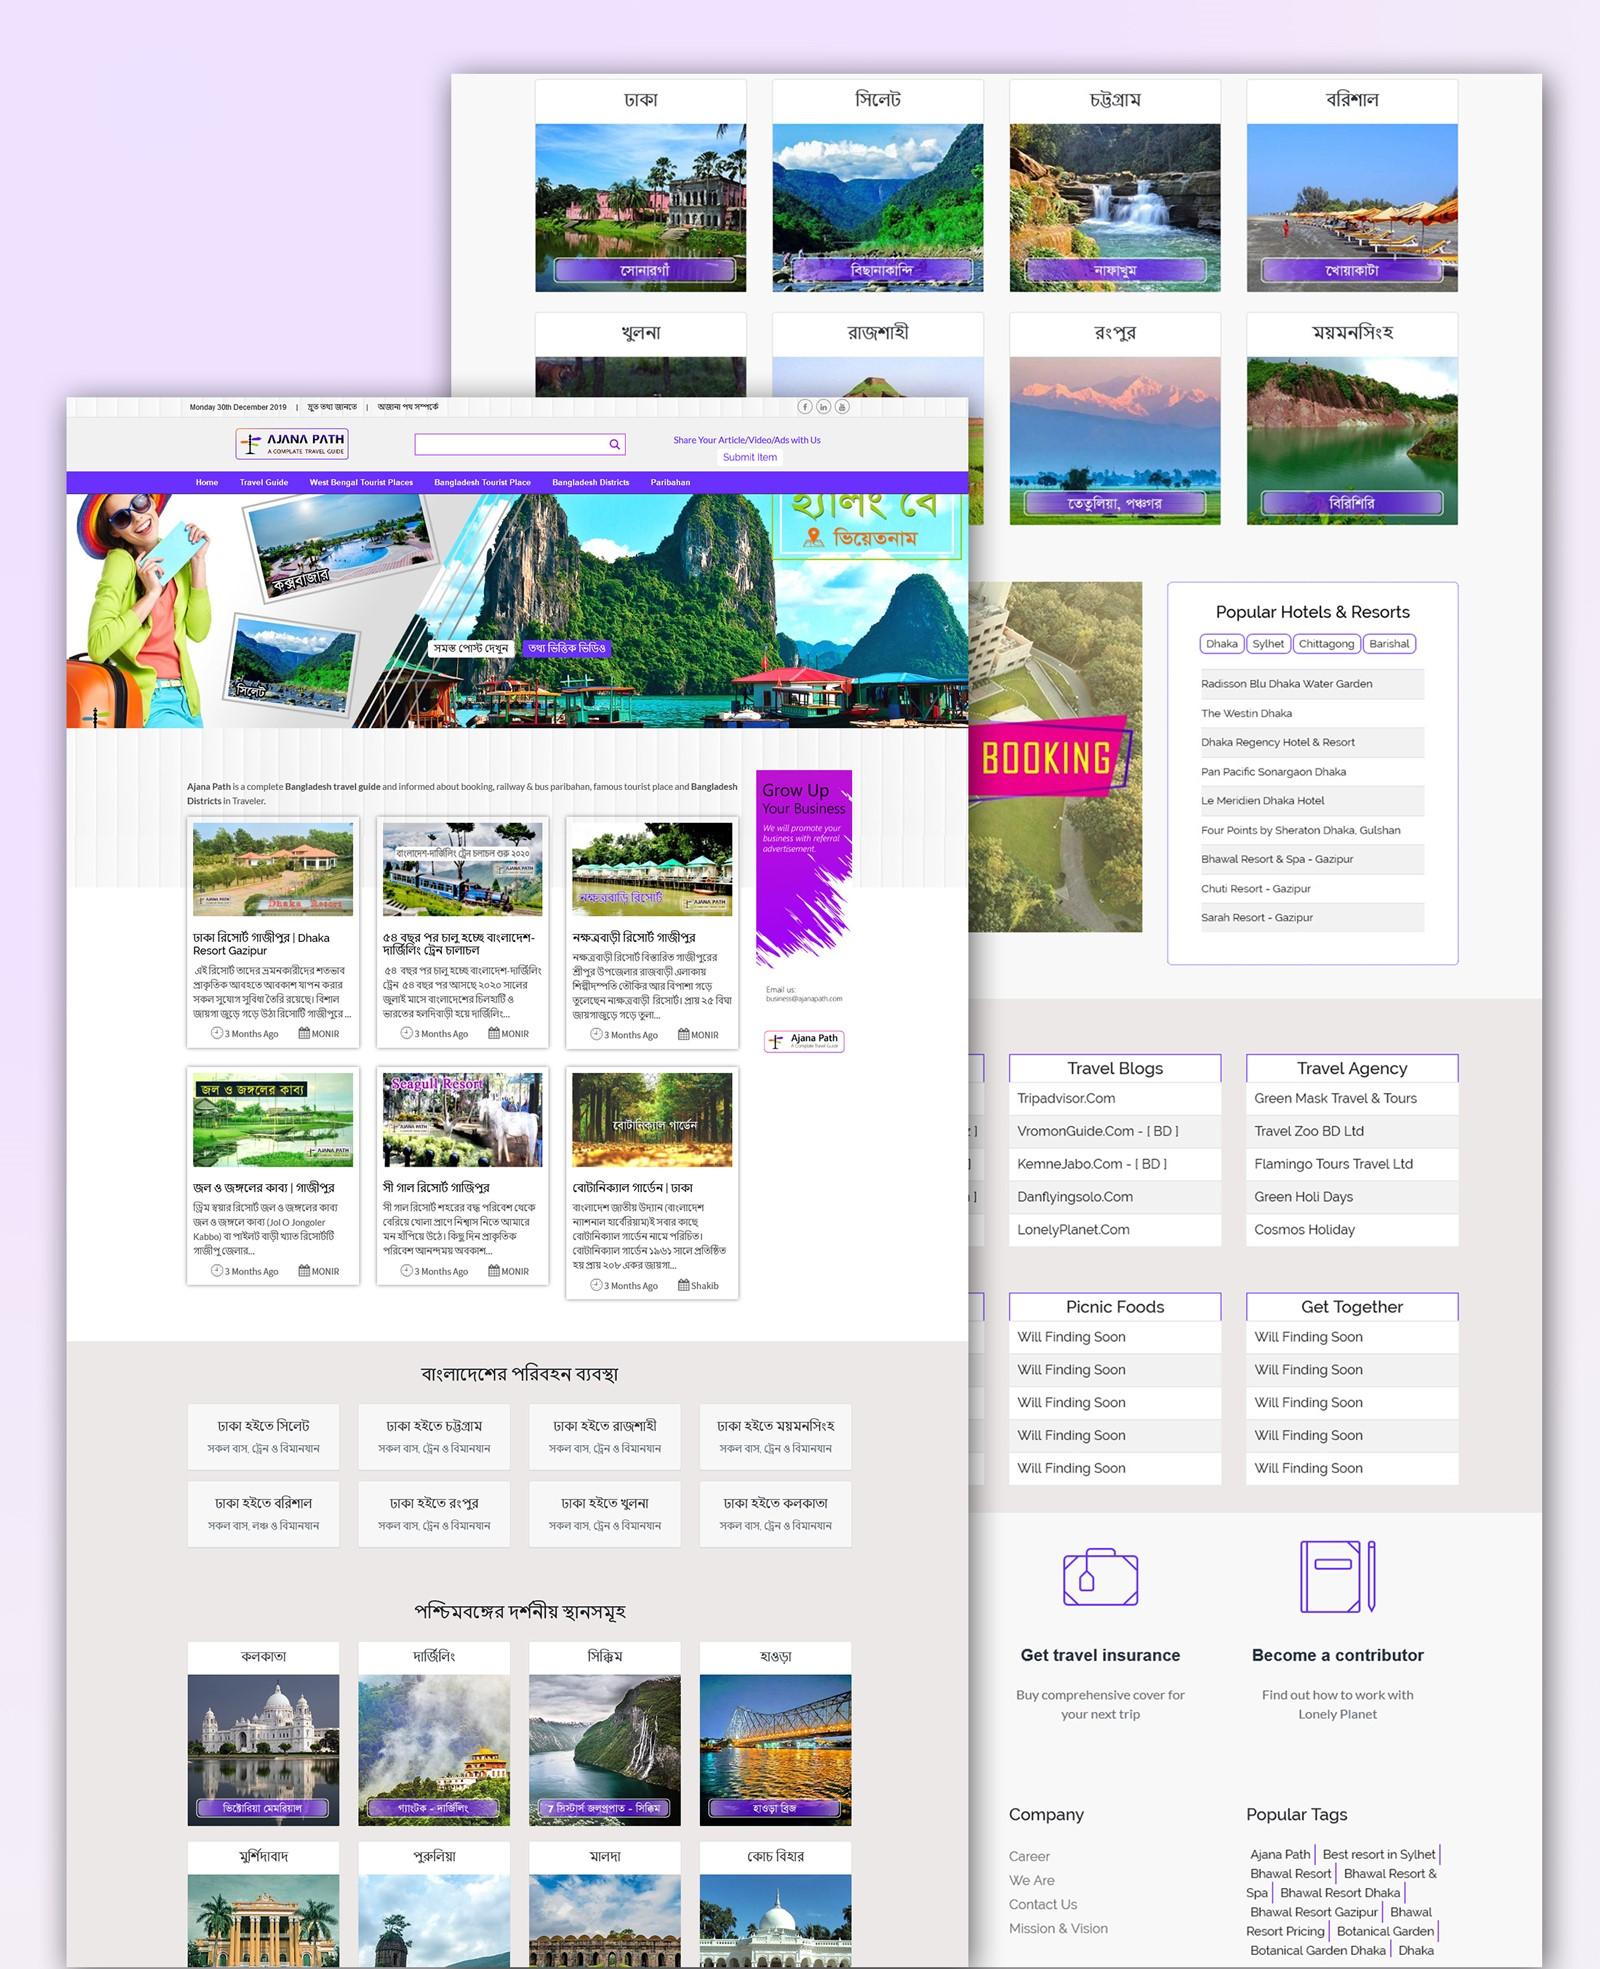 Ajana path travel blog